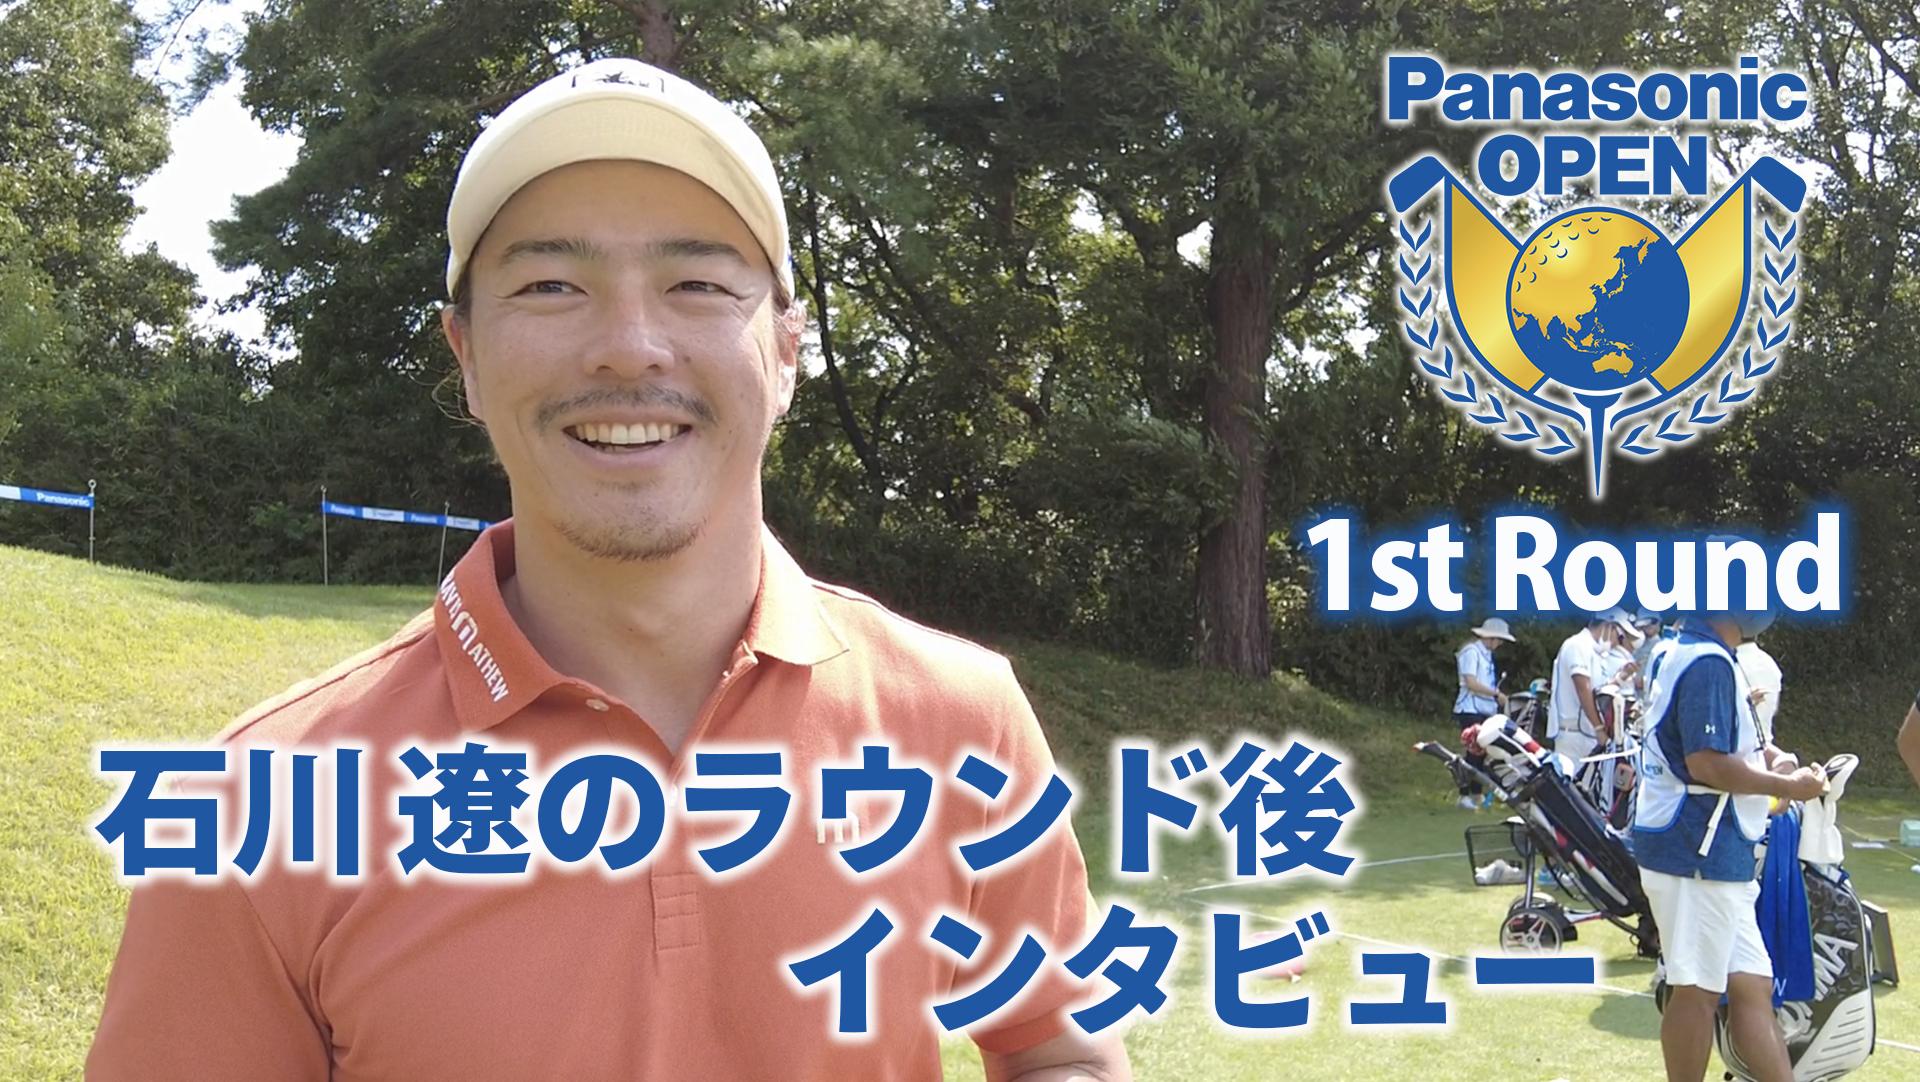 【男子ゴルフ】石川遼は1アンダーで48位タイからのスタート!パナソニックオープン ゴルフチャンピオンシップ 1st Round